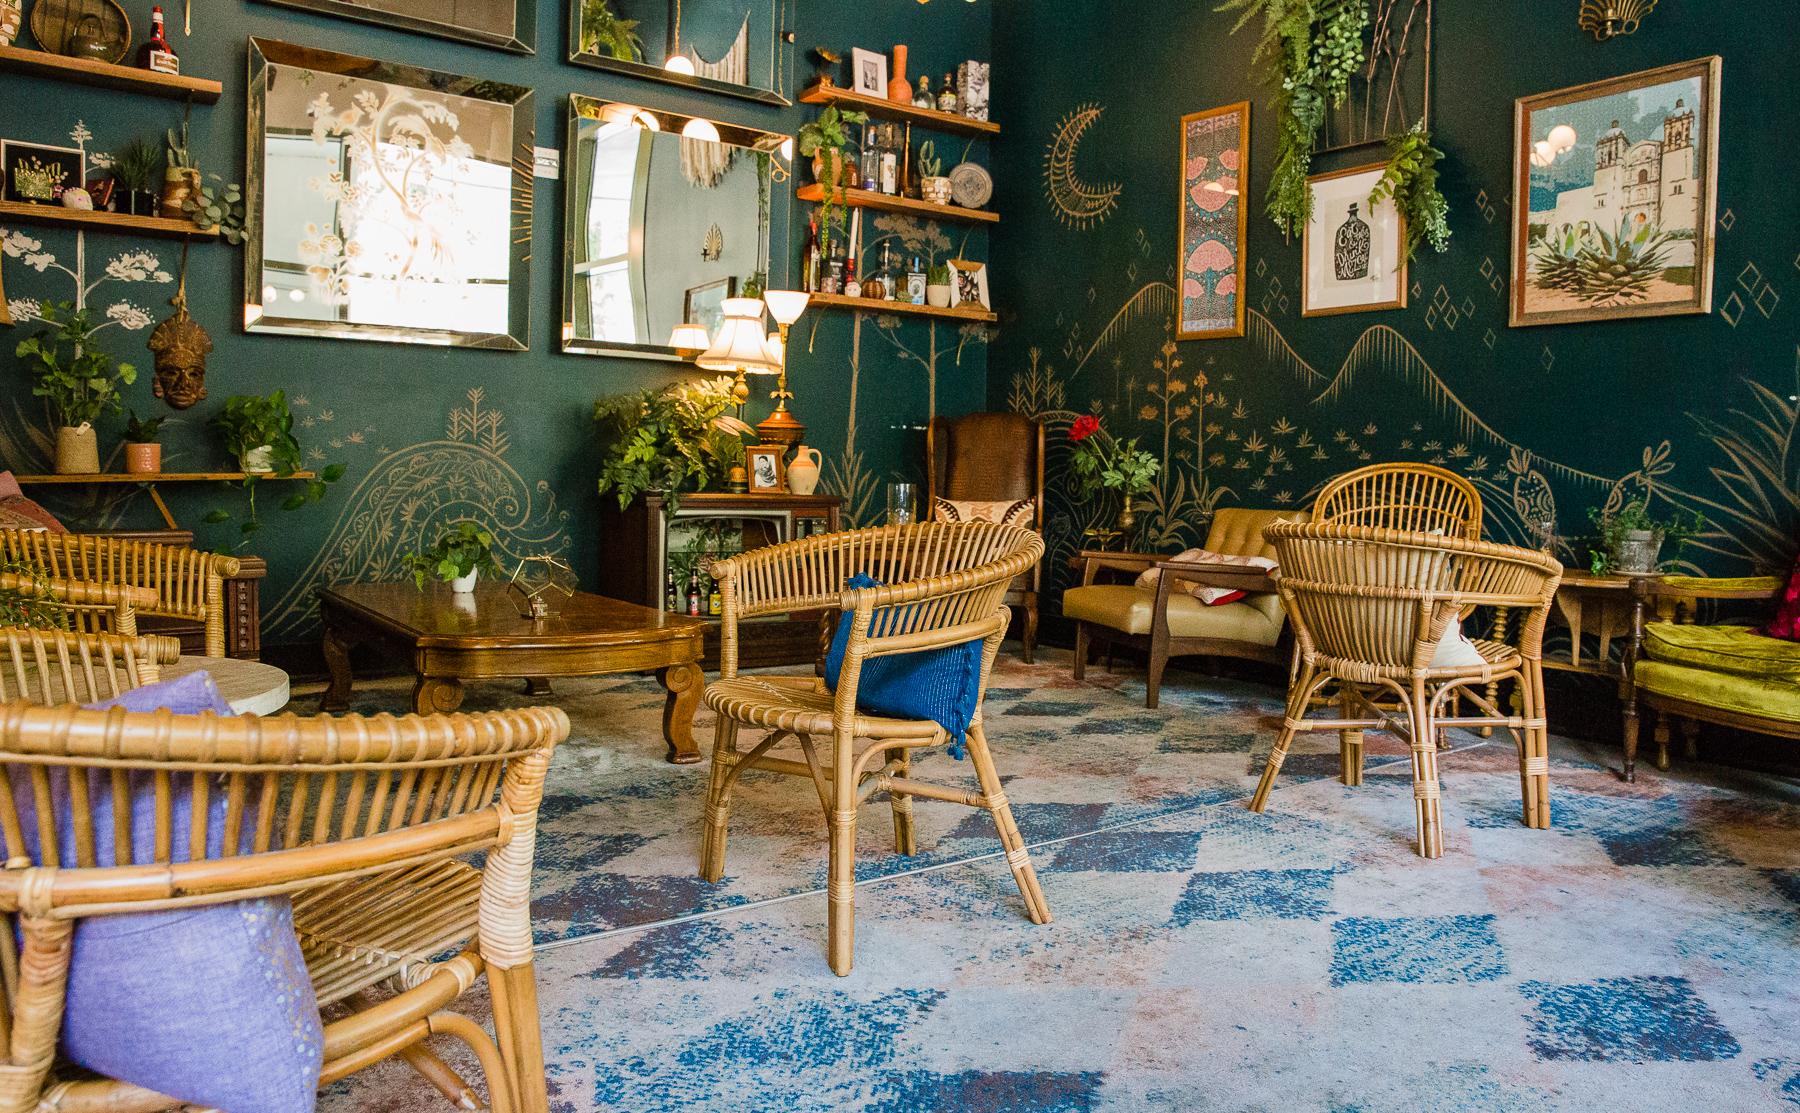 Reyes Mezcaleria sitting room